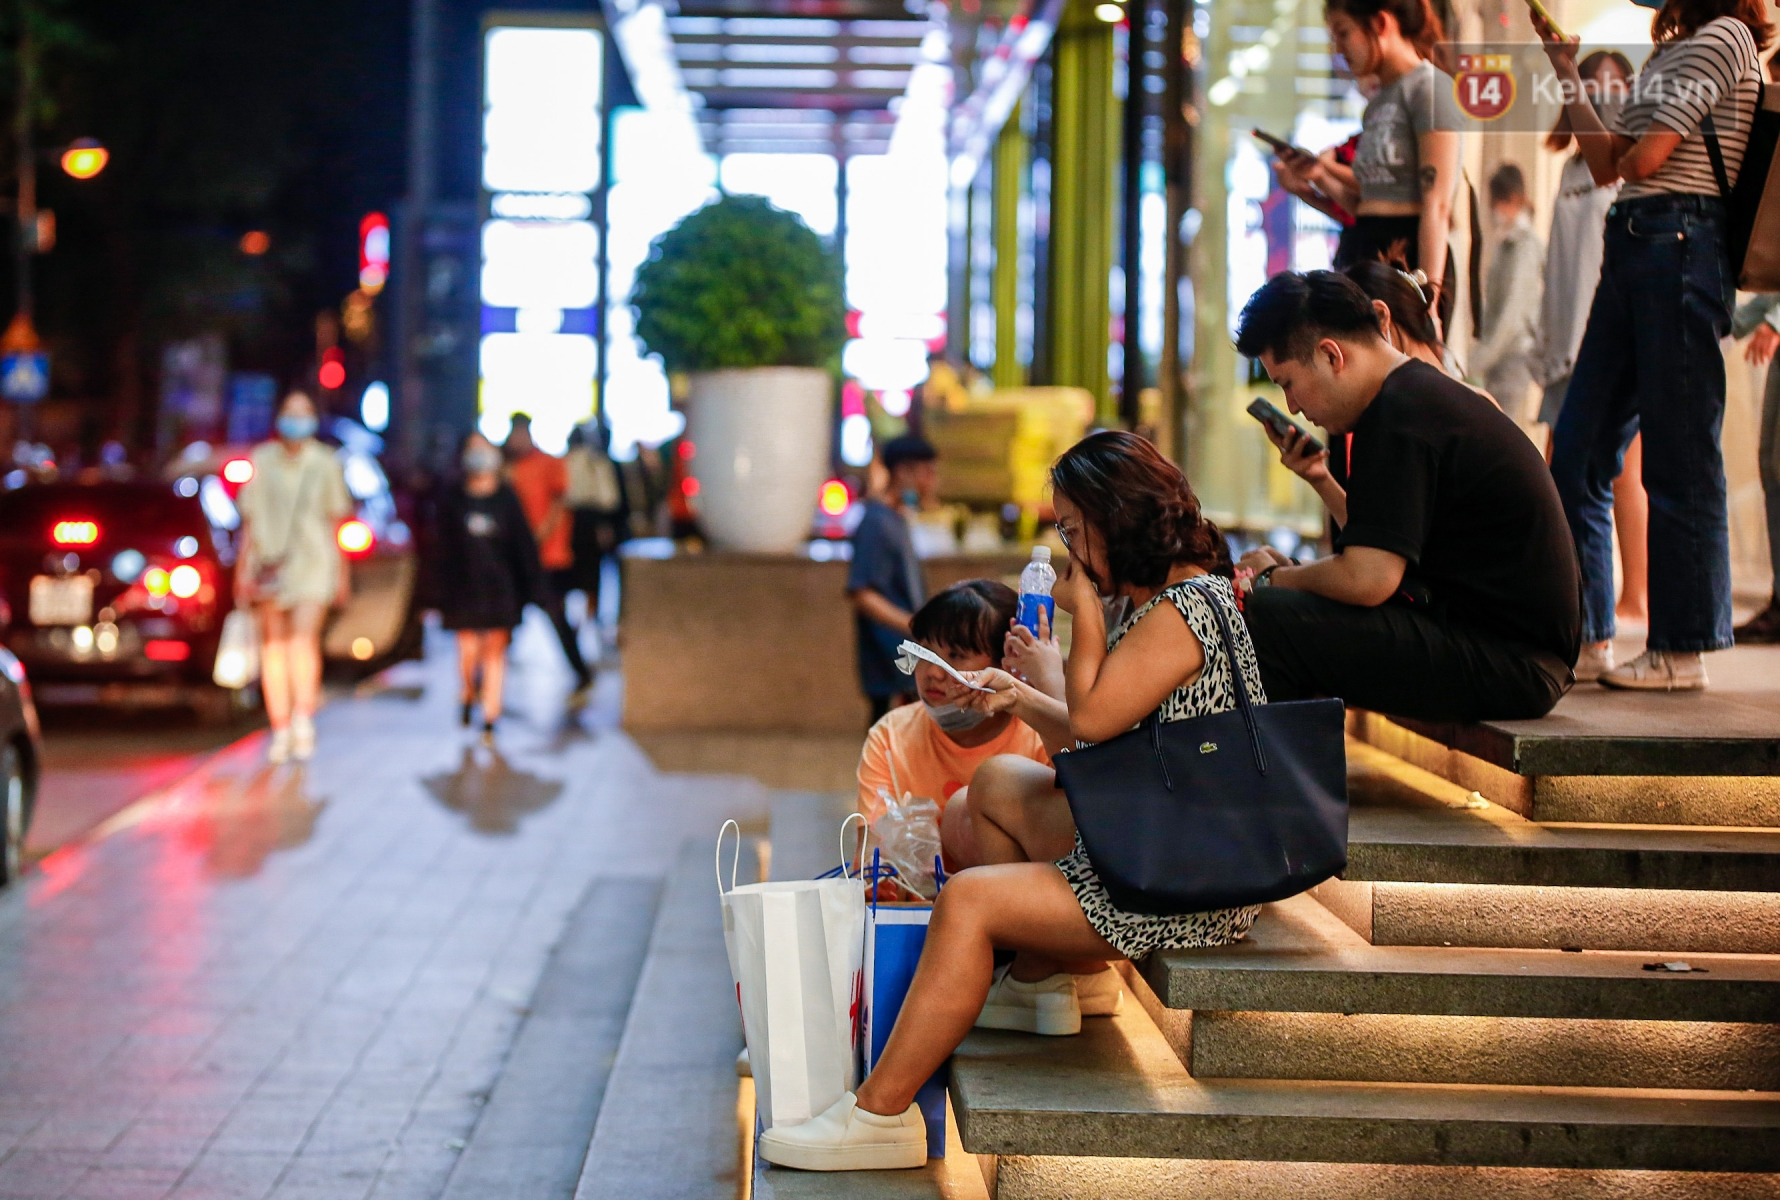 22h khuya nhưng người Sài Gòn vẫn tấp nập săn sale, tranh thủ hốt những món đồ ưng ý trước khi kết thúc ngày Black Friday - Ảnh 12.